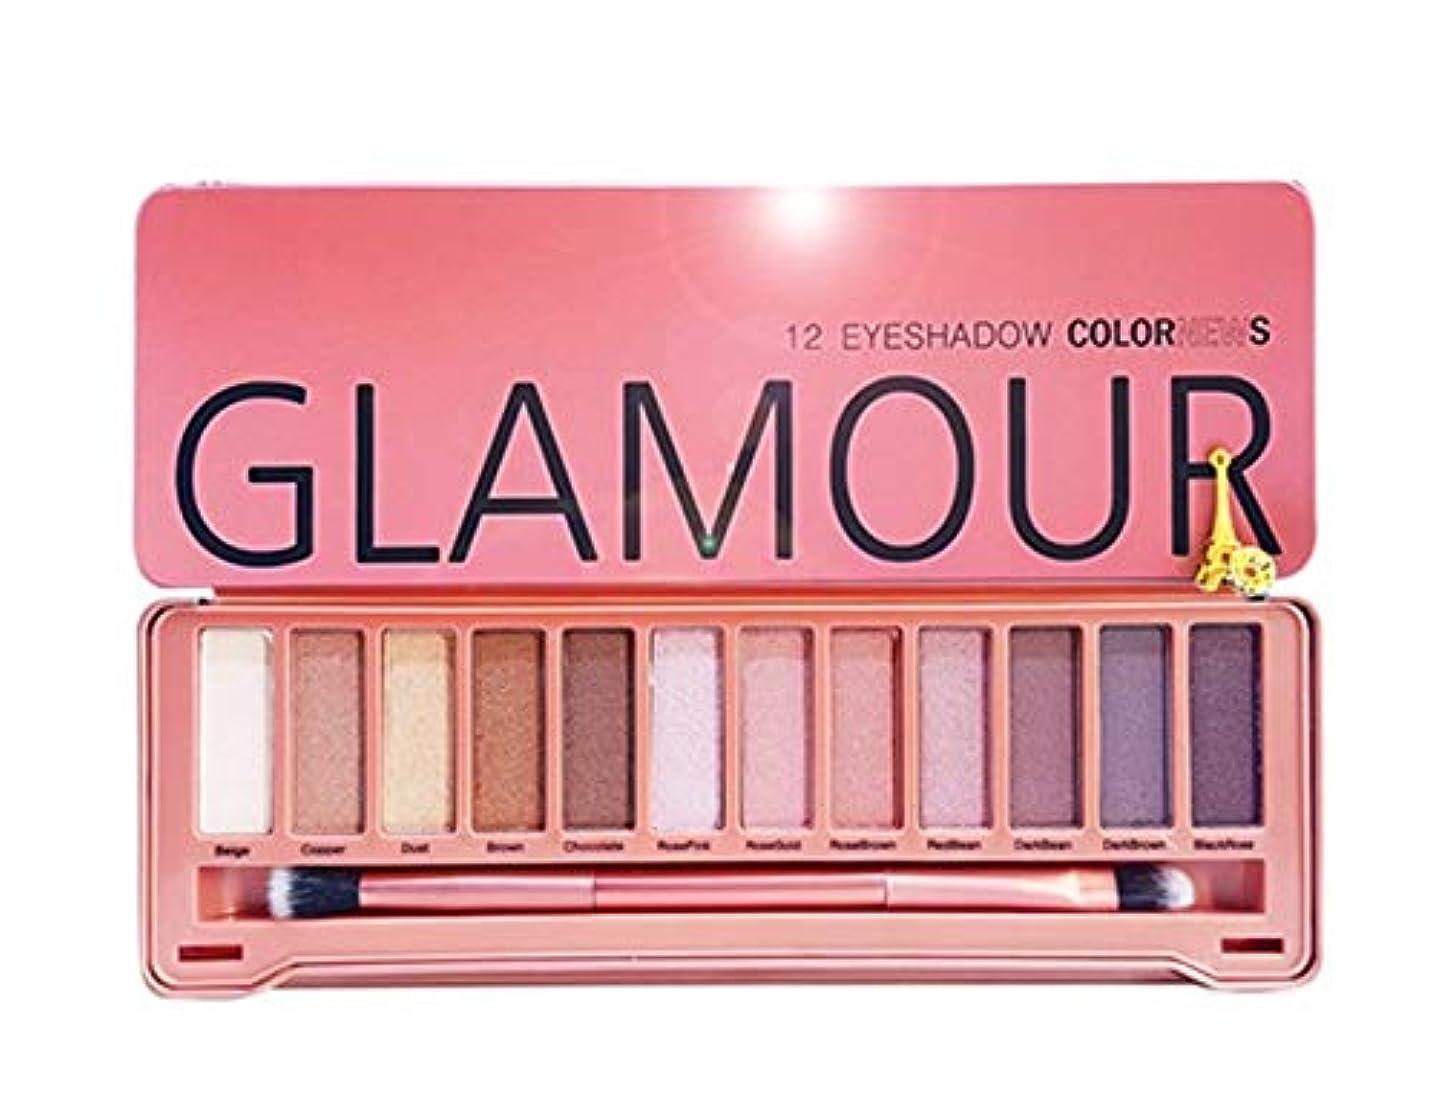 リーチタヒチ不安定Glamour 12 Eyeshadow Color News 自然デイリーメイクから華やかなアイメイク12色アイシャドウパレット(海外直送品)